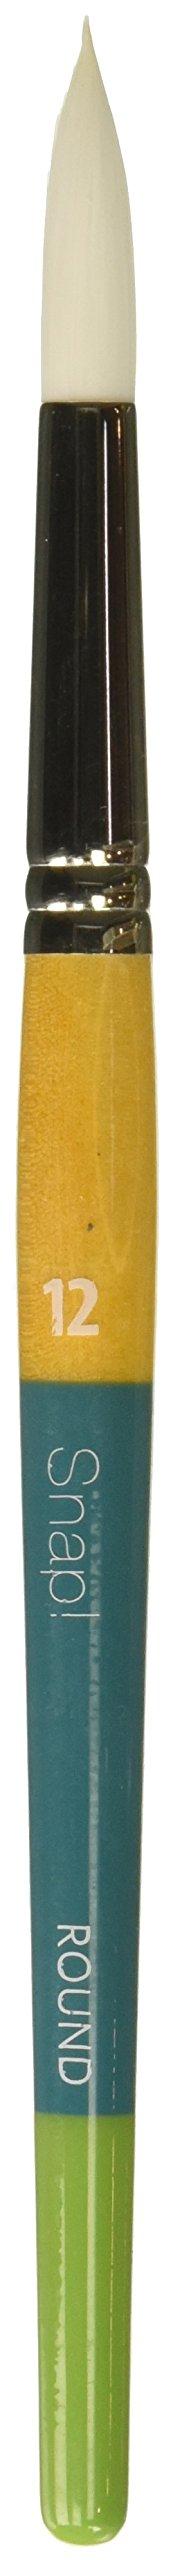 Princeton 9850R-12 SNAP Brush White TAKLON Round 12 Size